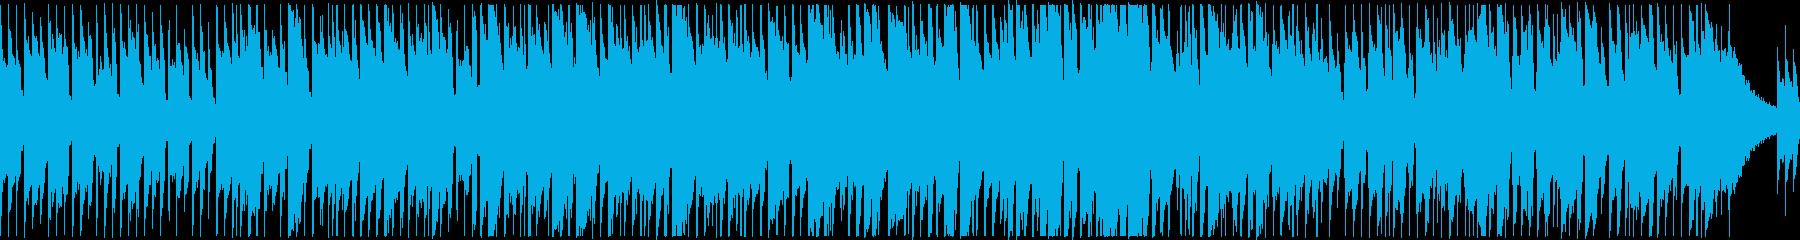 アコギ2本のクールで落ち着いたBGMの再生済みの波形